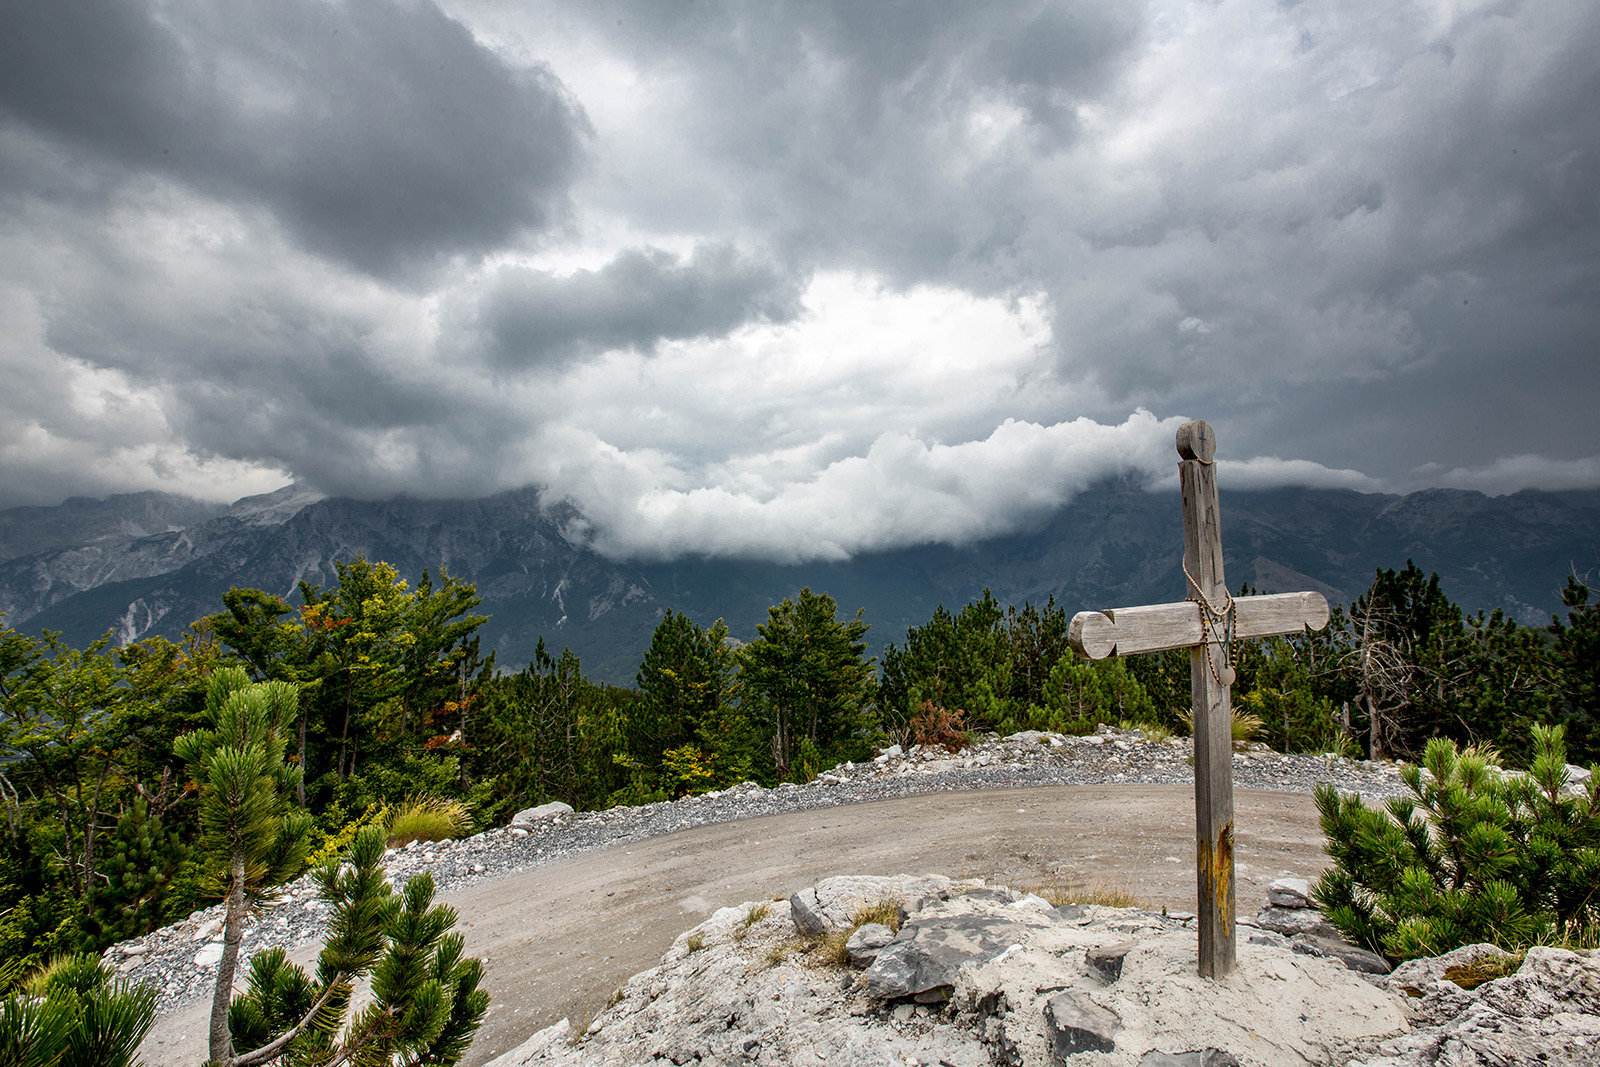 Wer nach Theth will, muss lange durch das Tal rumpeln, über Schlaglöcher und herabgefallene Felsbrocken